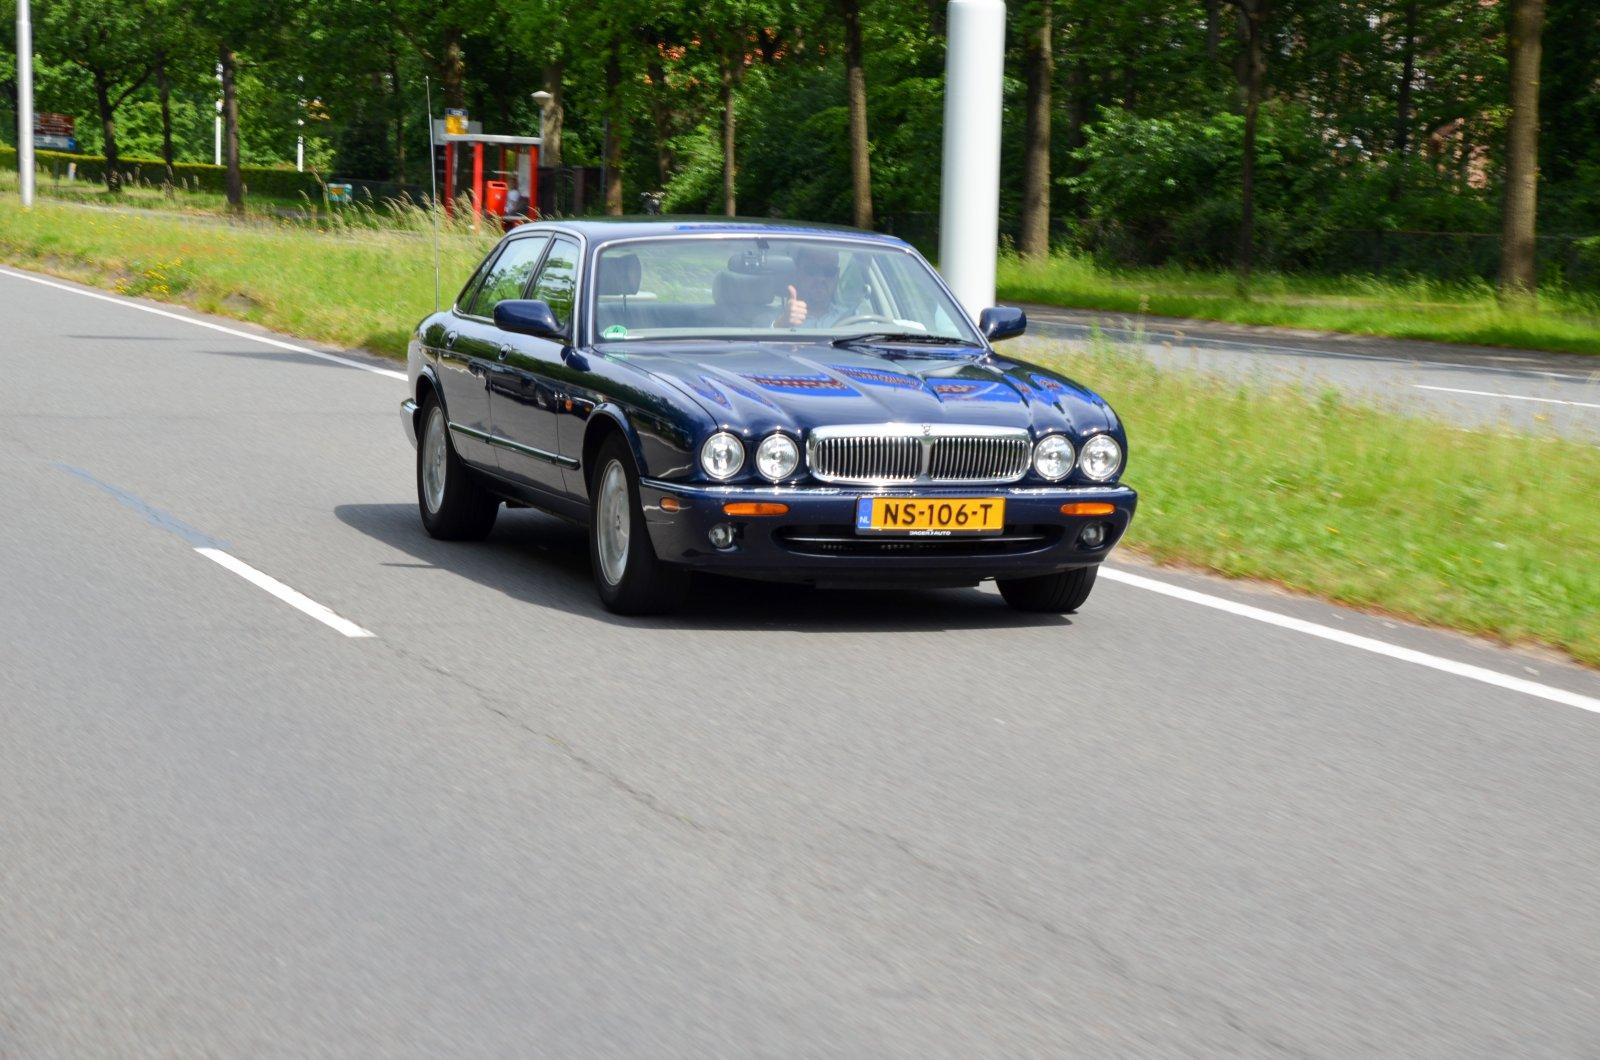 Sjoerd's XJ X308